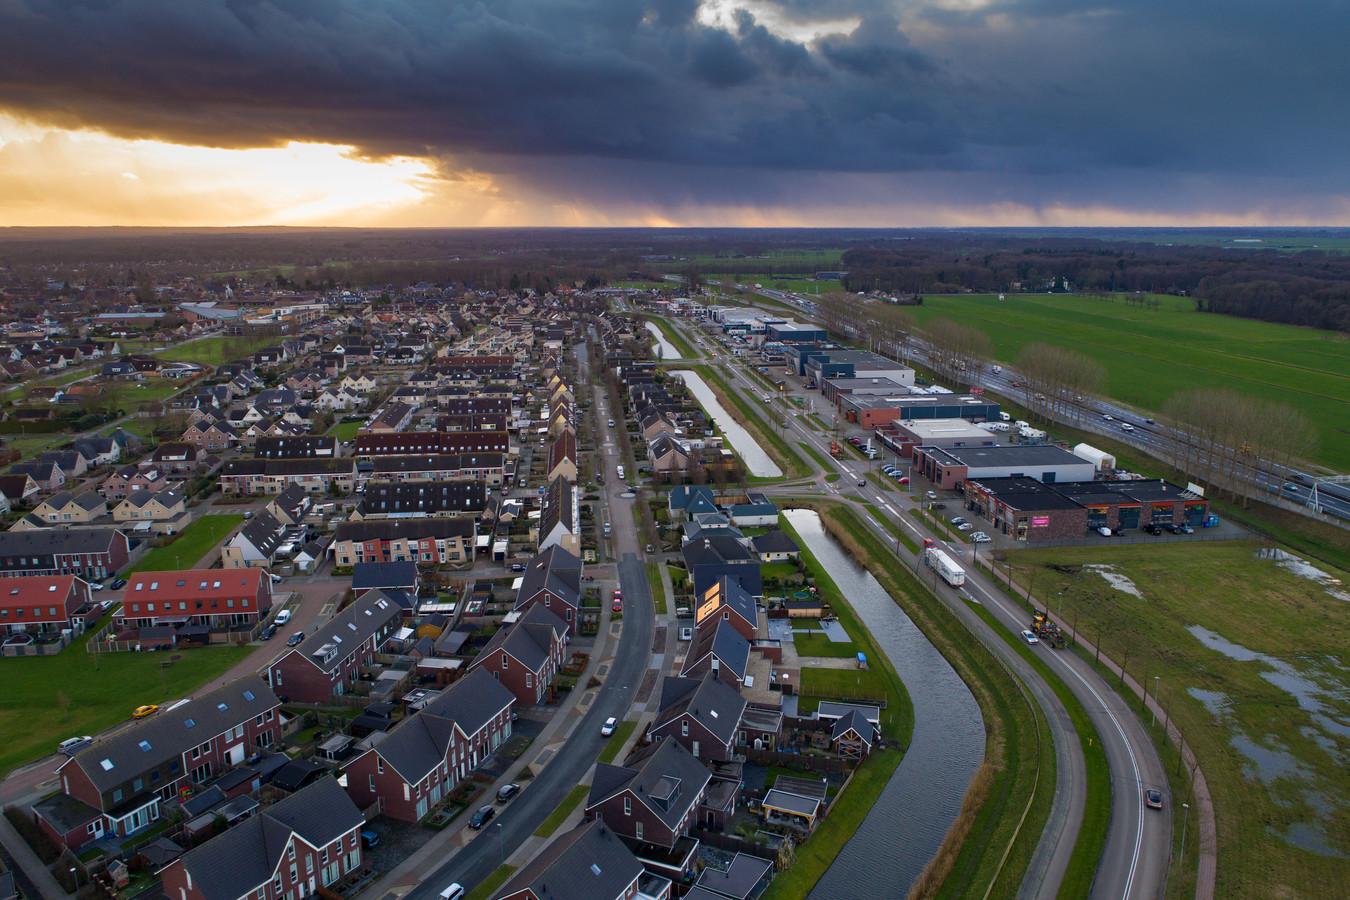 Wezep, met rechts de A28. Verplaatsing van de afrit van de A28 bij Wezep naar de Voskuilerdijk bij H2O in Hattemerbroek is voor de provincie Gelderland aanleiding aan te dringen op mogelijke gemeentelijke fusies.